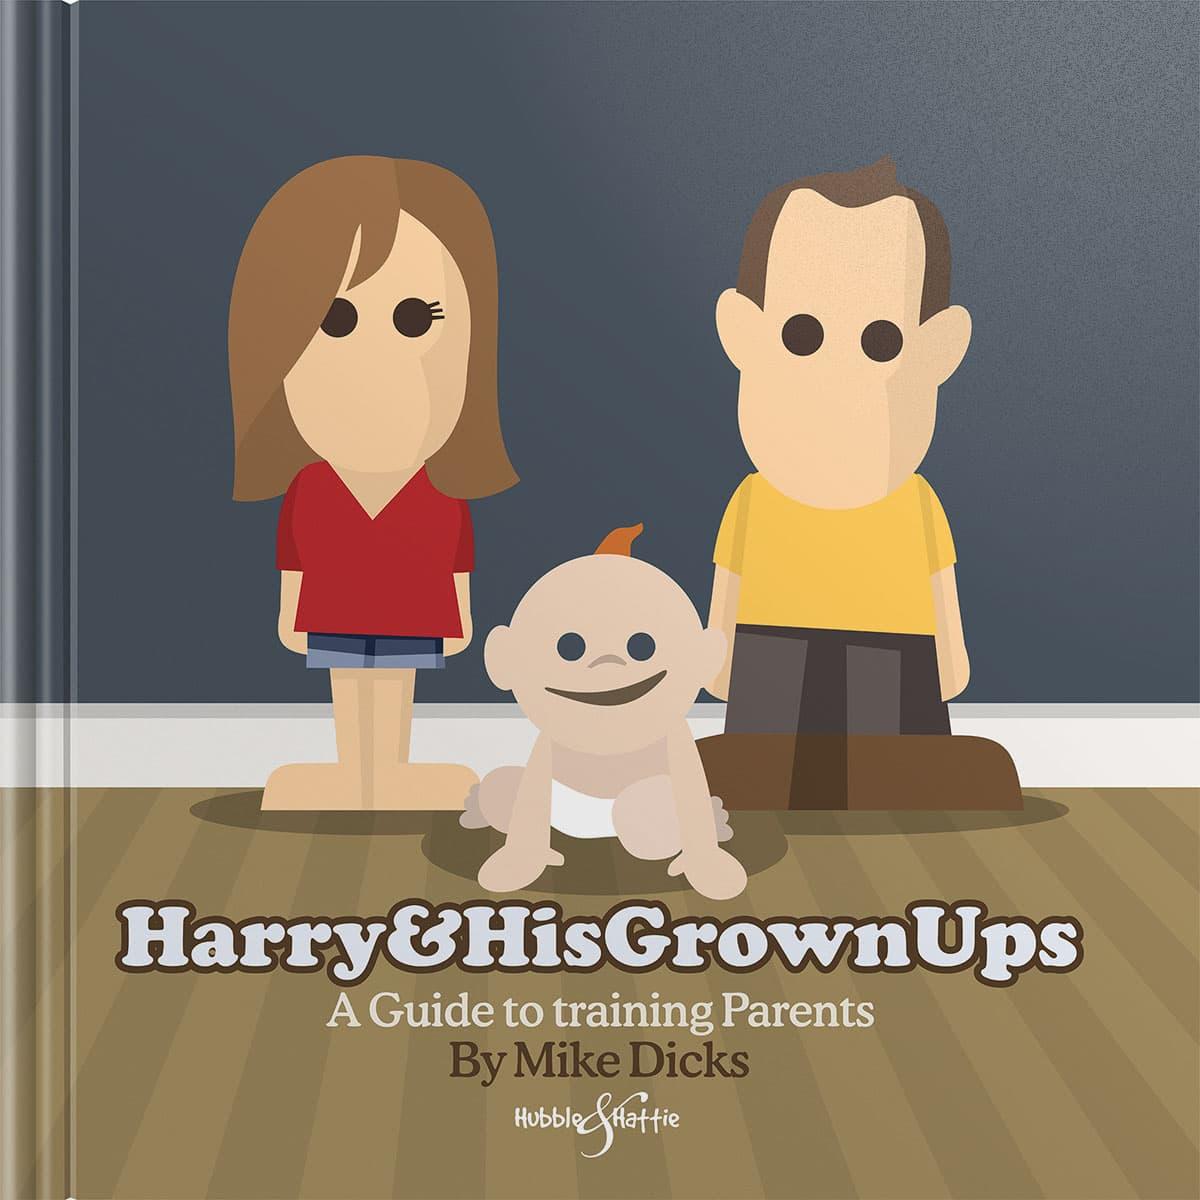 Harry & his grownups